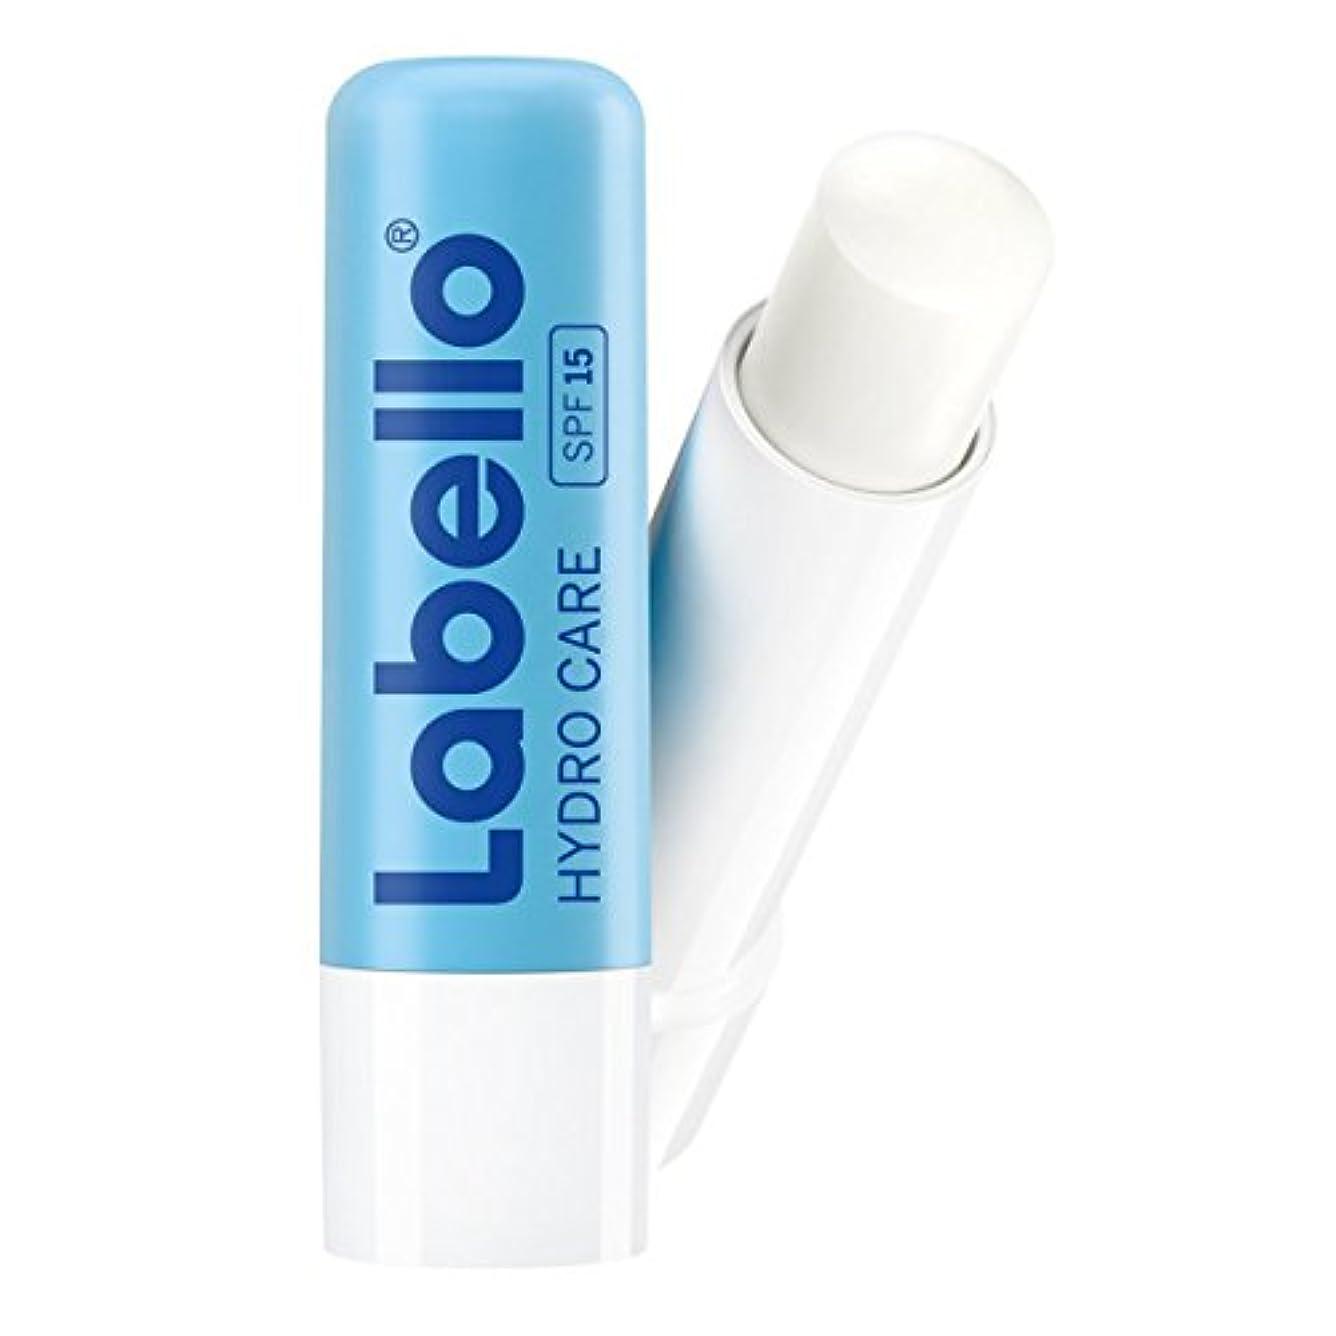 宣伝ディンカルビルデイジーLABELLO Hydro Care UV Blister